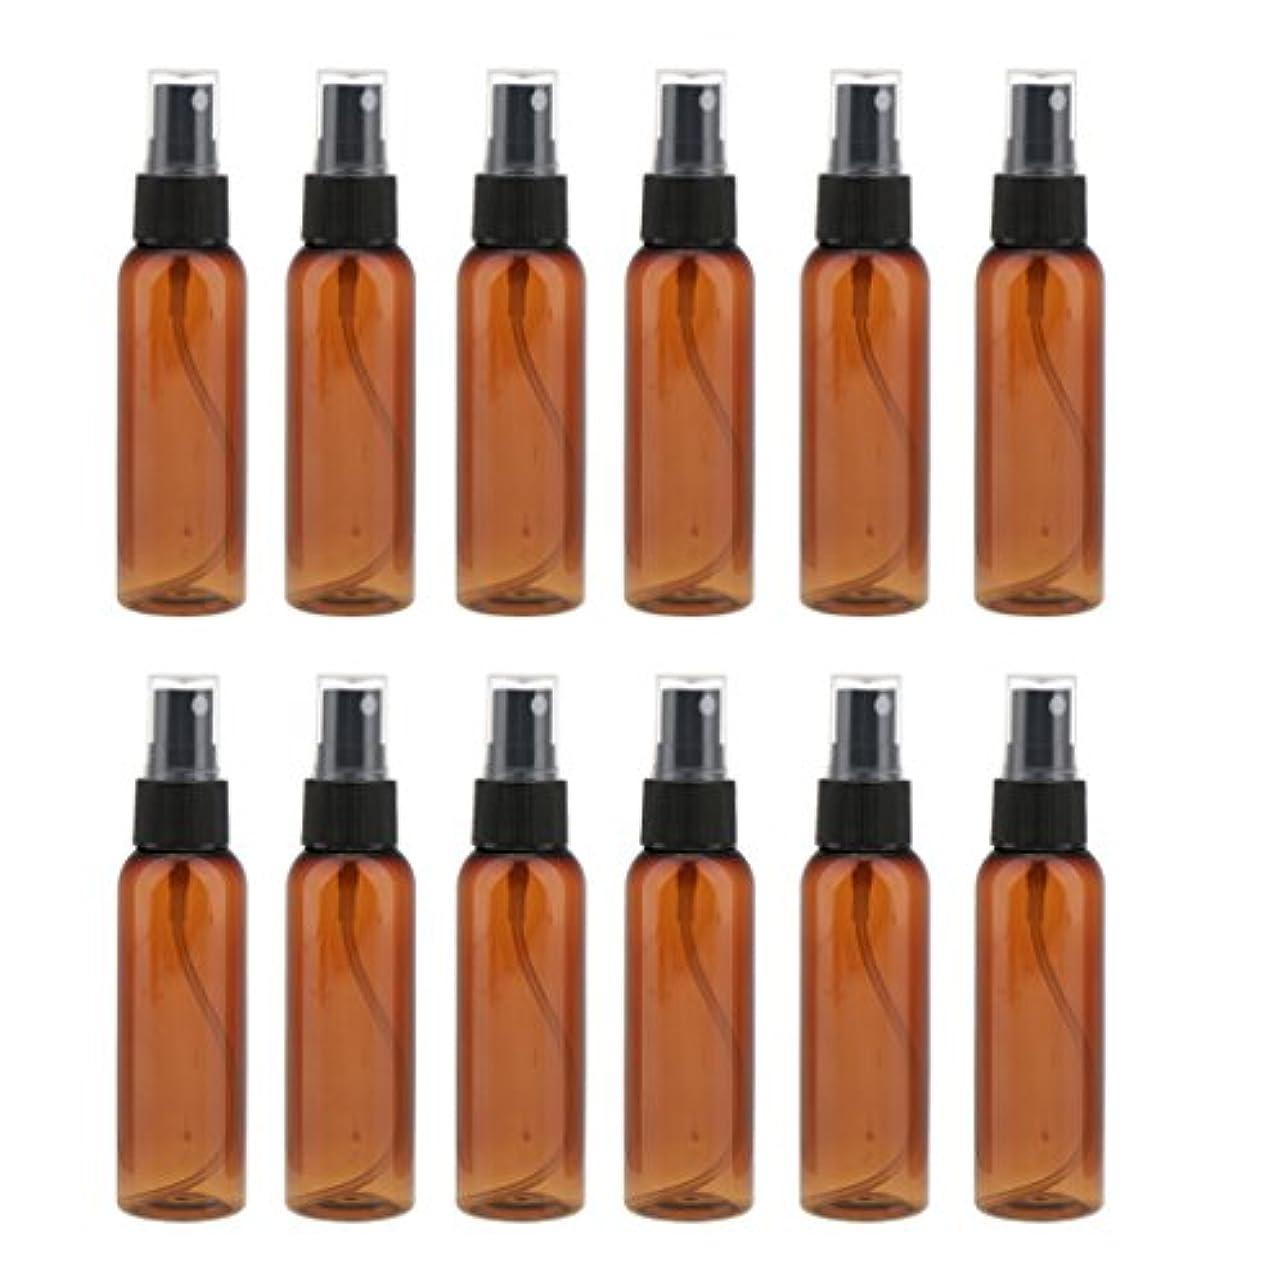 詰め替え 化粧品容器 コンセプト 空のスプレーボトル 旅行 漏れ防止 60ml 12本 全3色 - ブラック